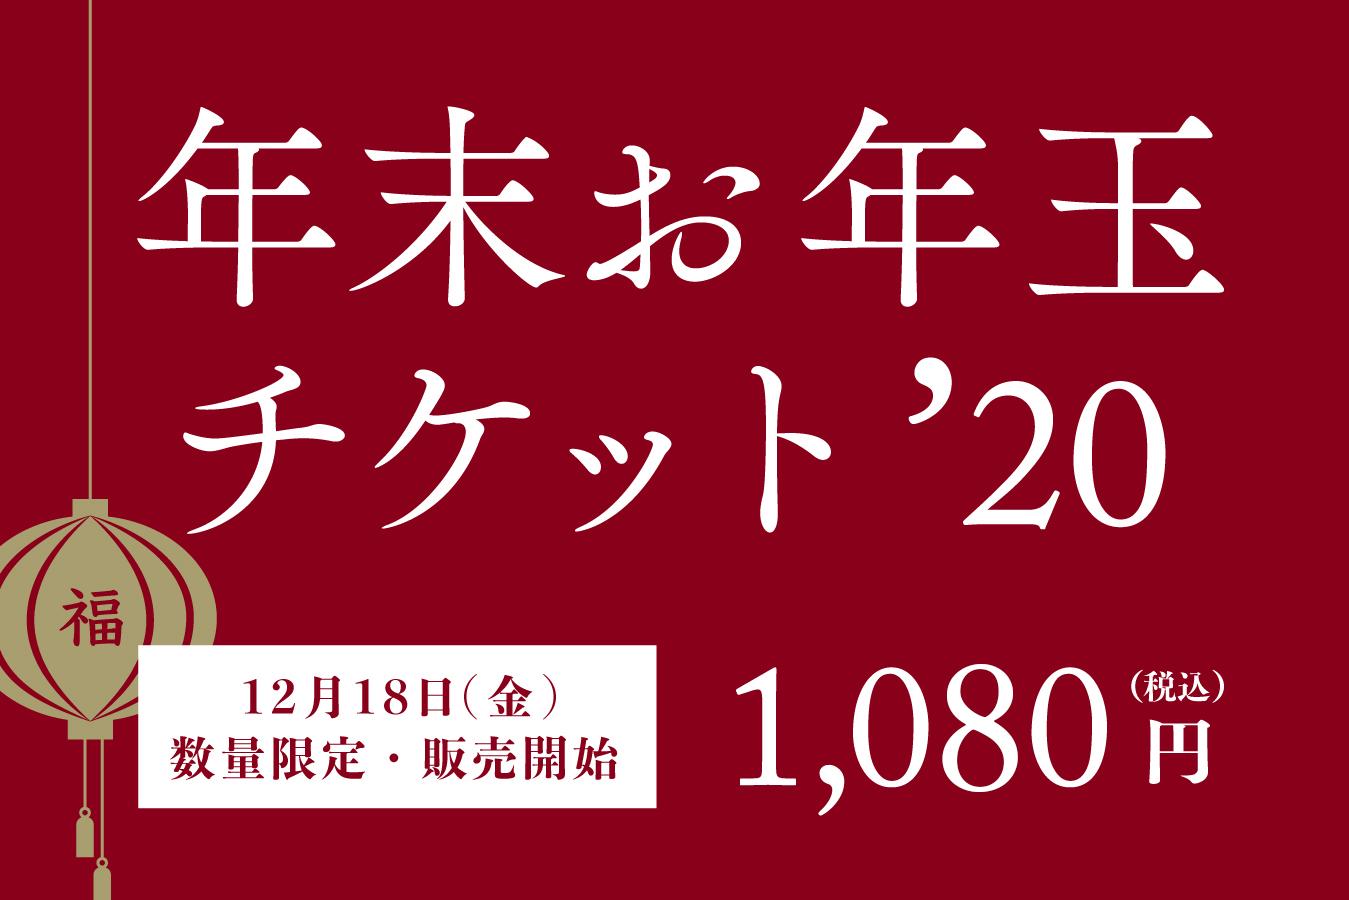 年末お年玉チケット12月18日(金)発売開始!!